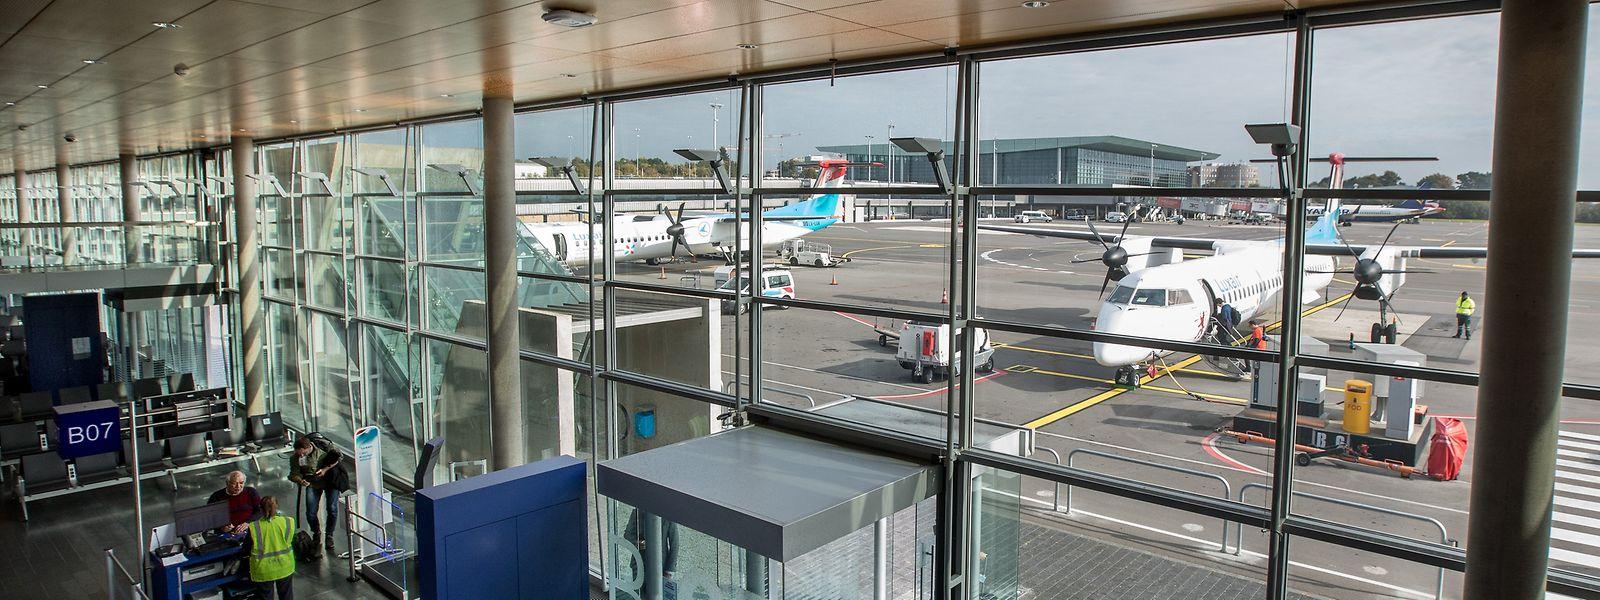 2017 wurden am Flughafen Findel 3,60 Millionen Passagiere abgefertigt.